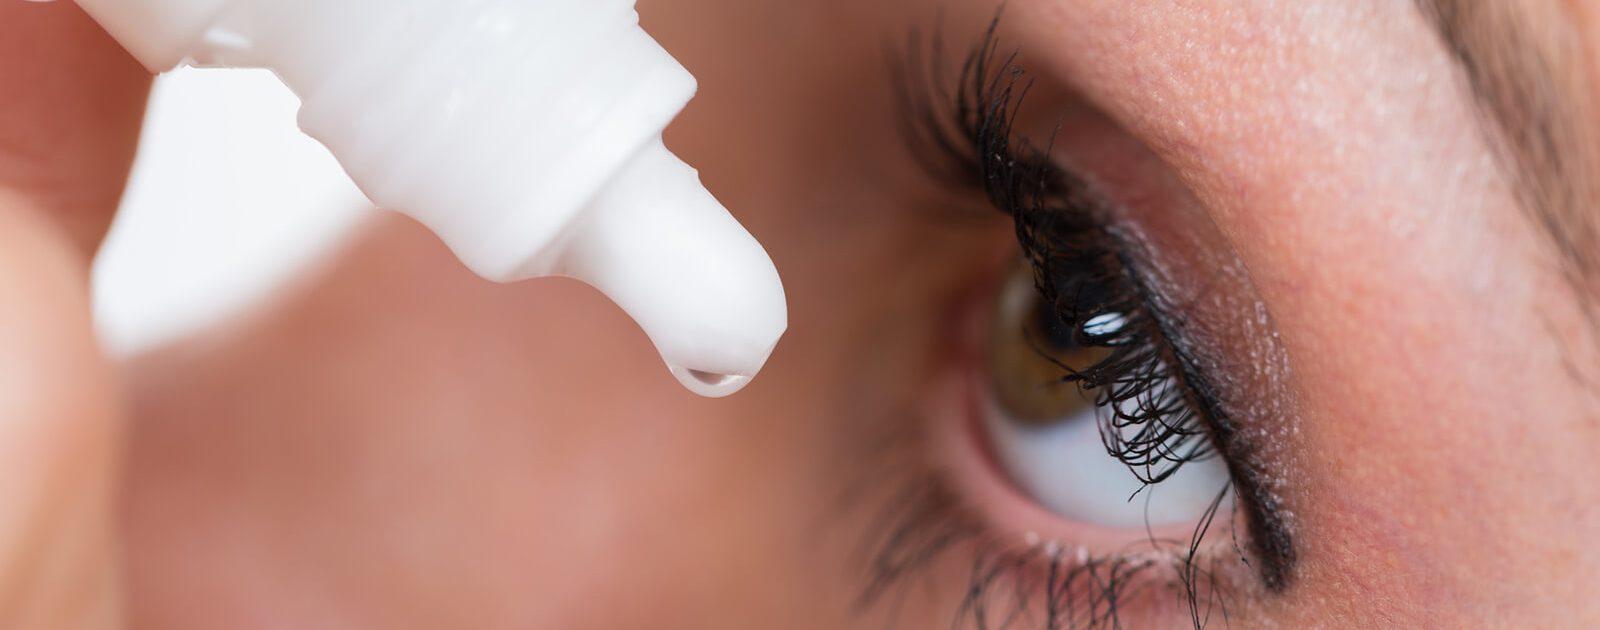 Augentropfen werden in den Bindehautsack geträufelt